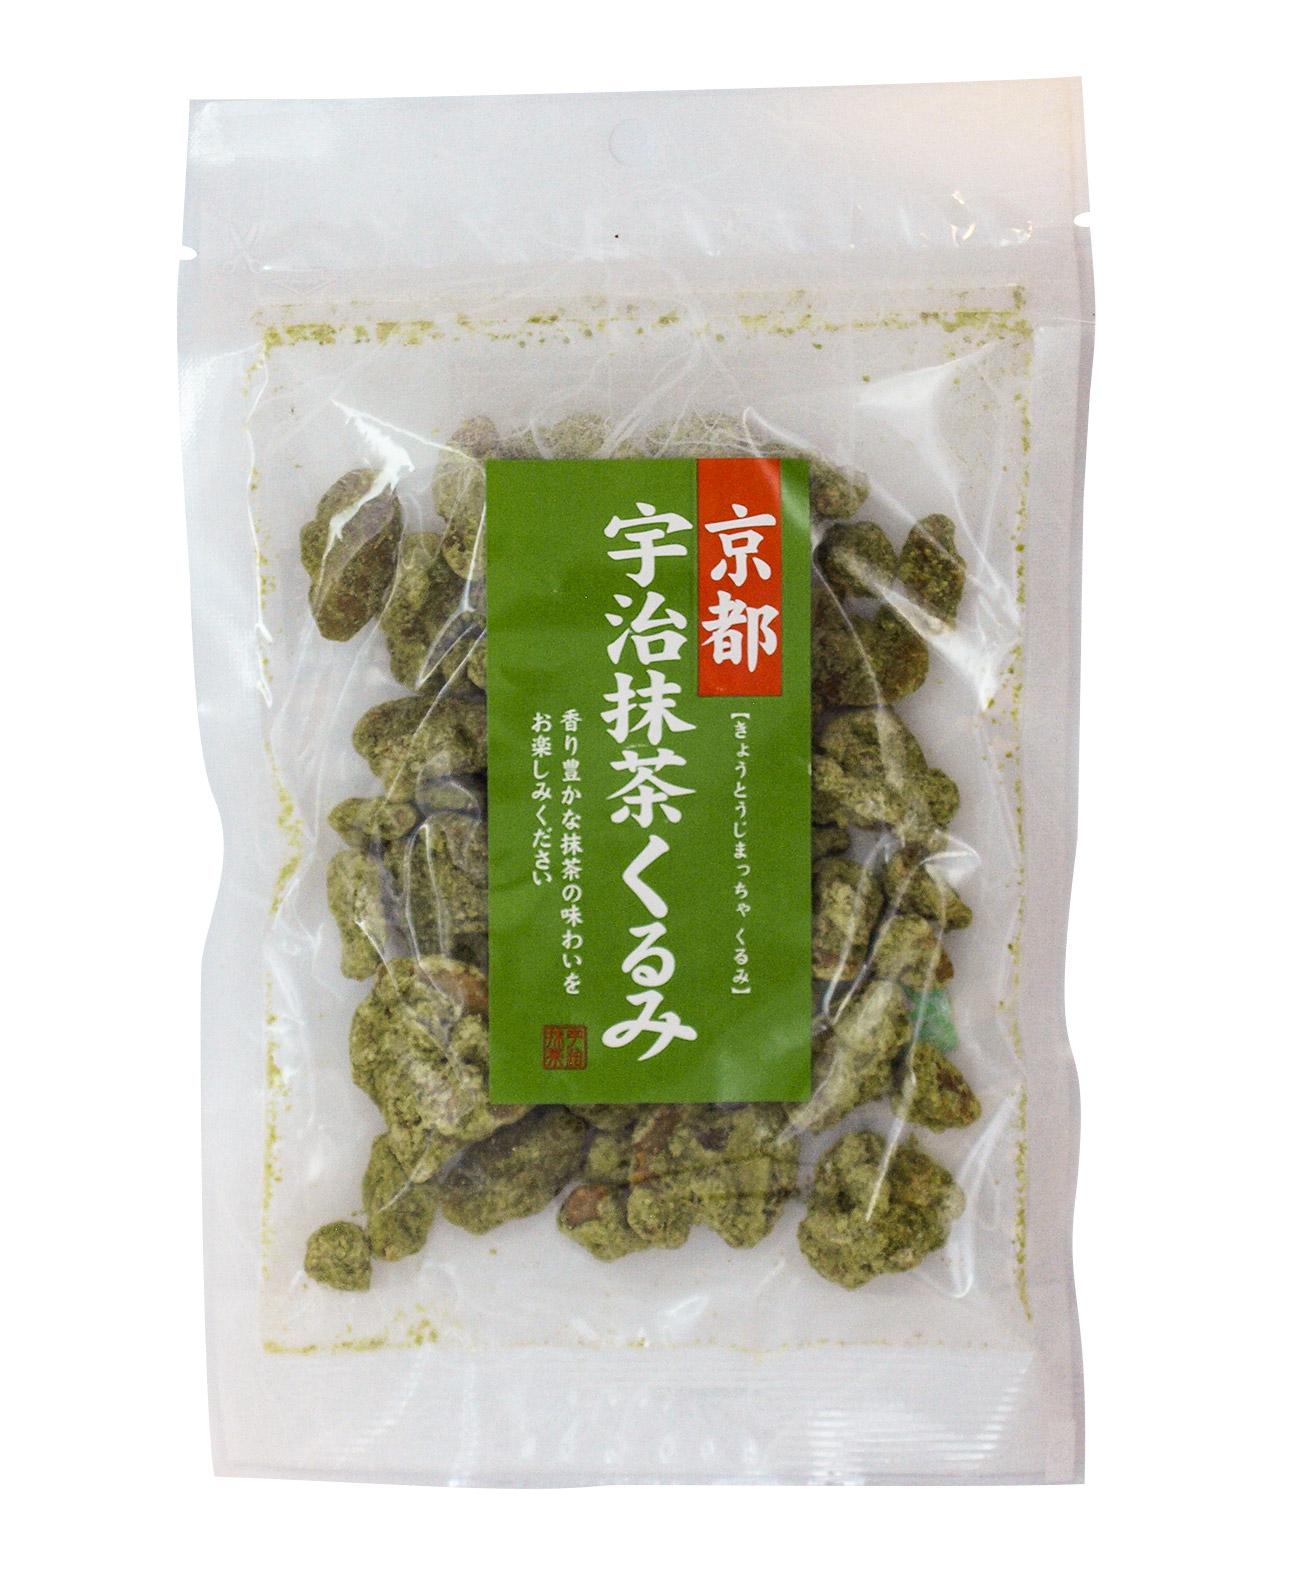 京都宇治抹茶くるみ 75g